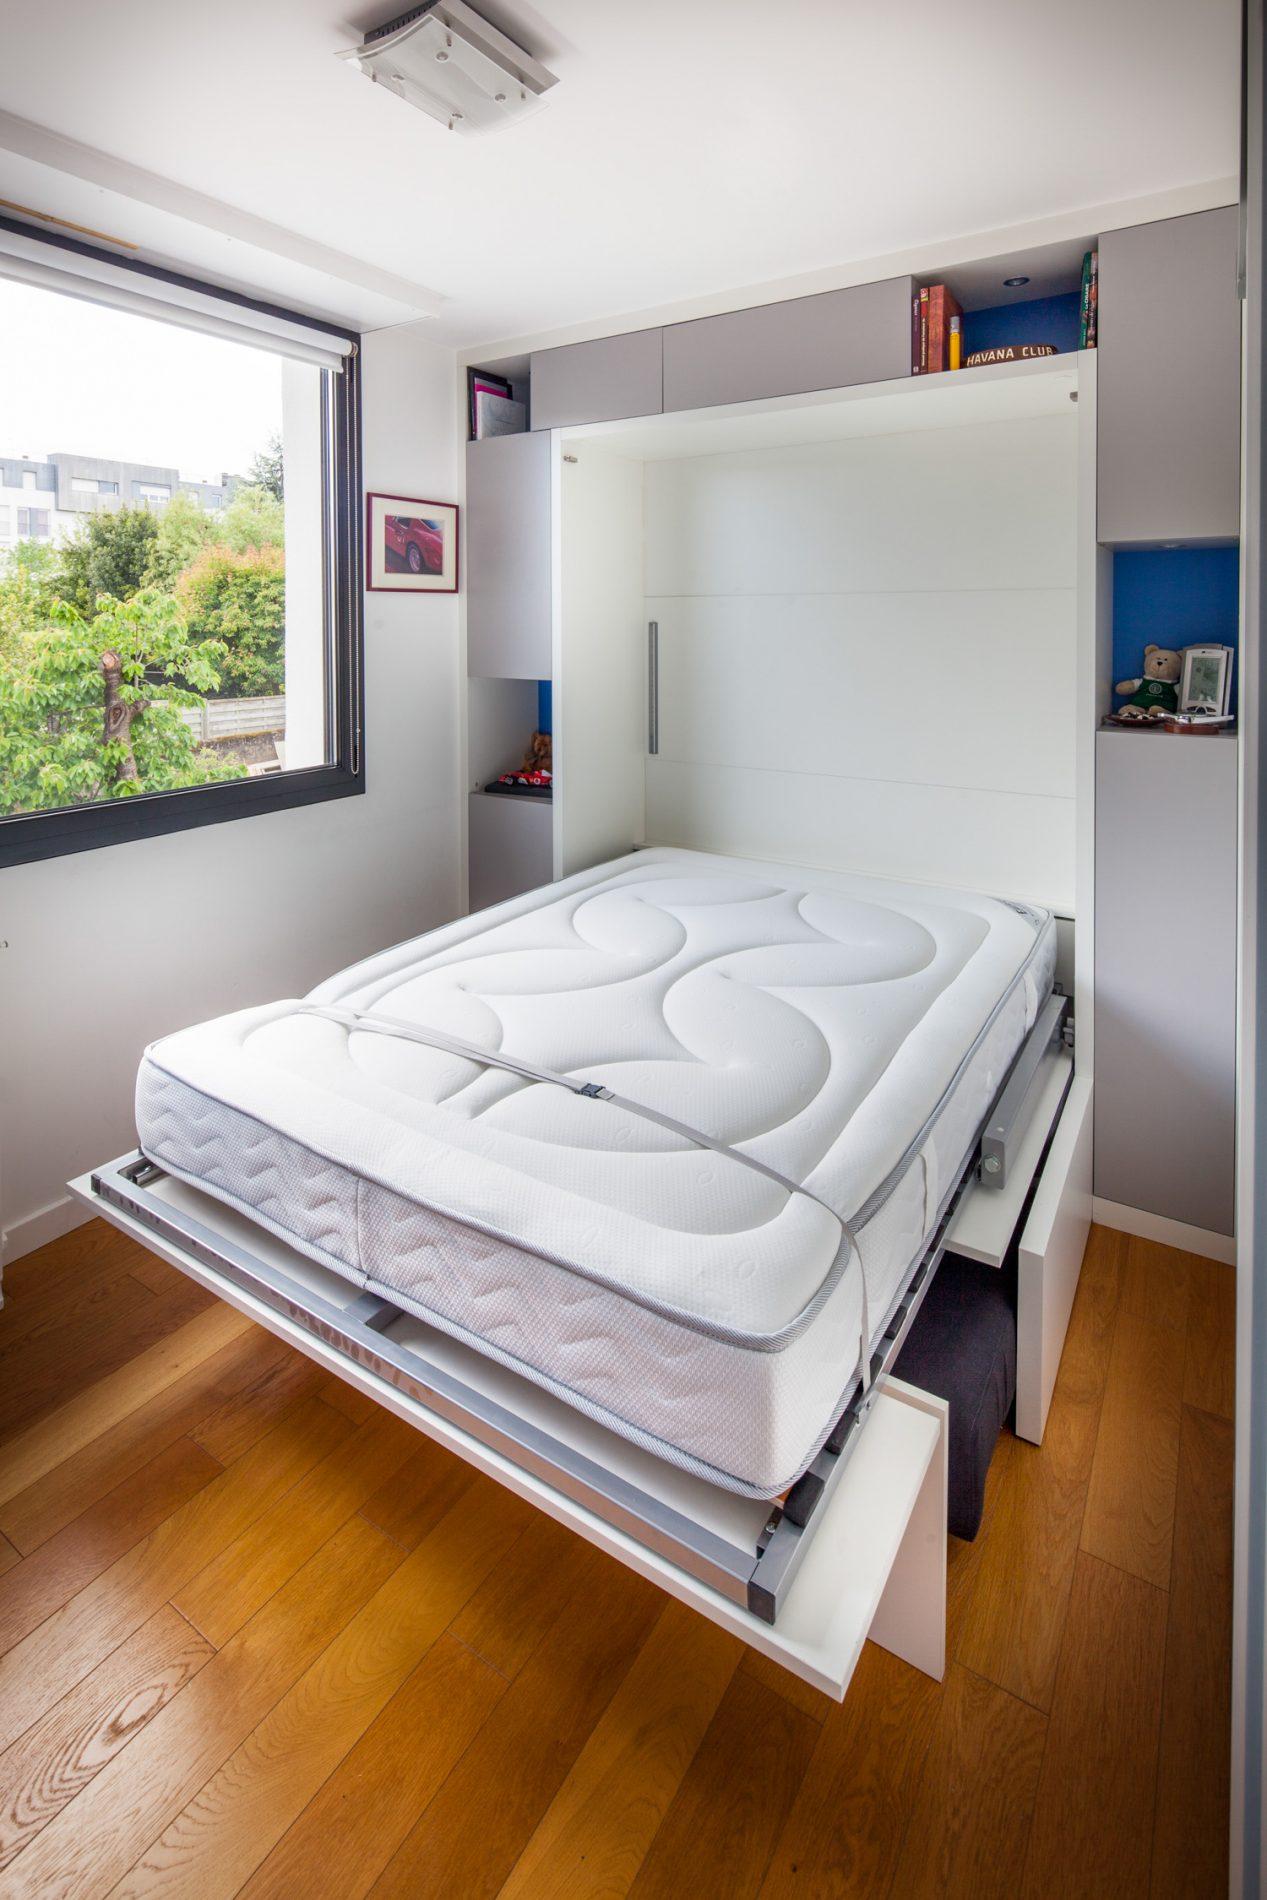 Lit armoire et rangements incluant un canapé gris anthracite - vue ouverte